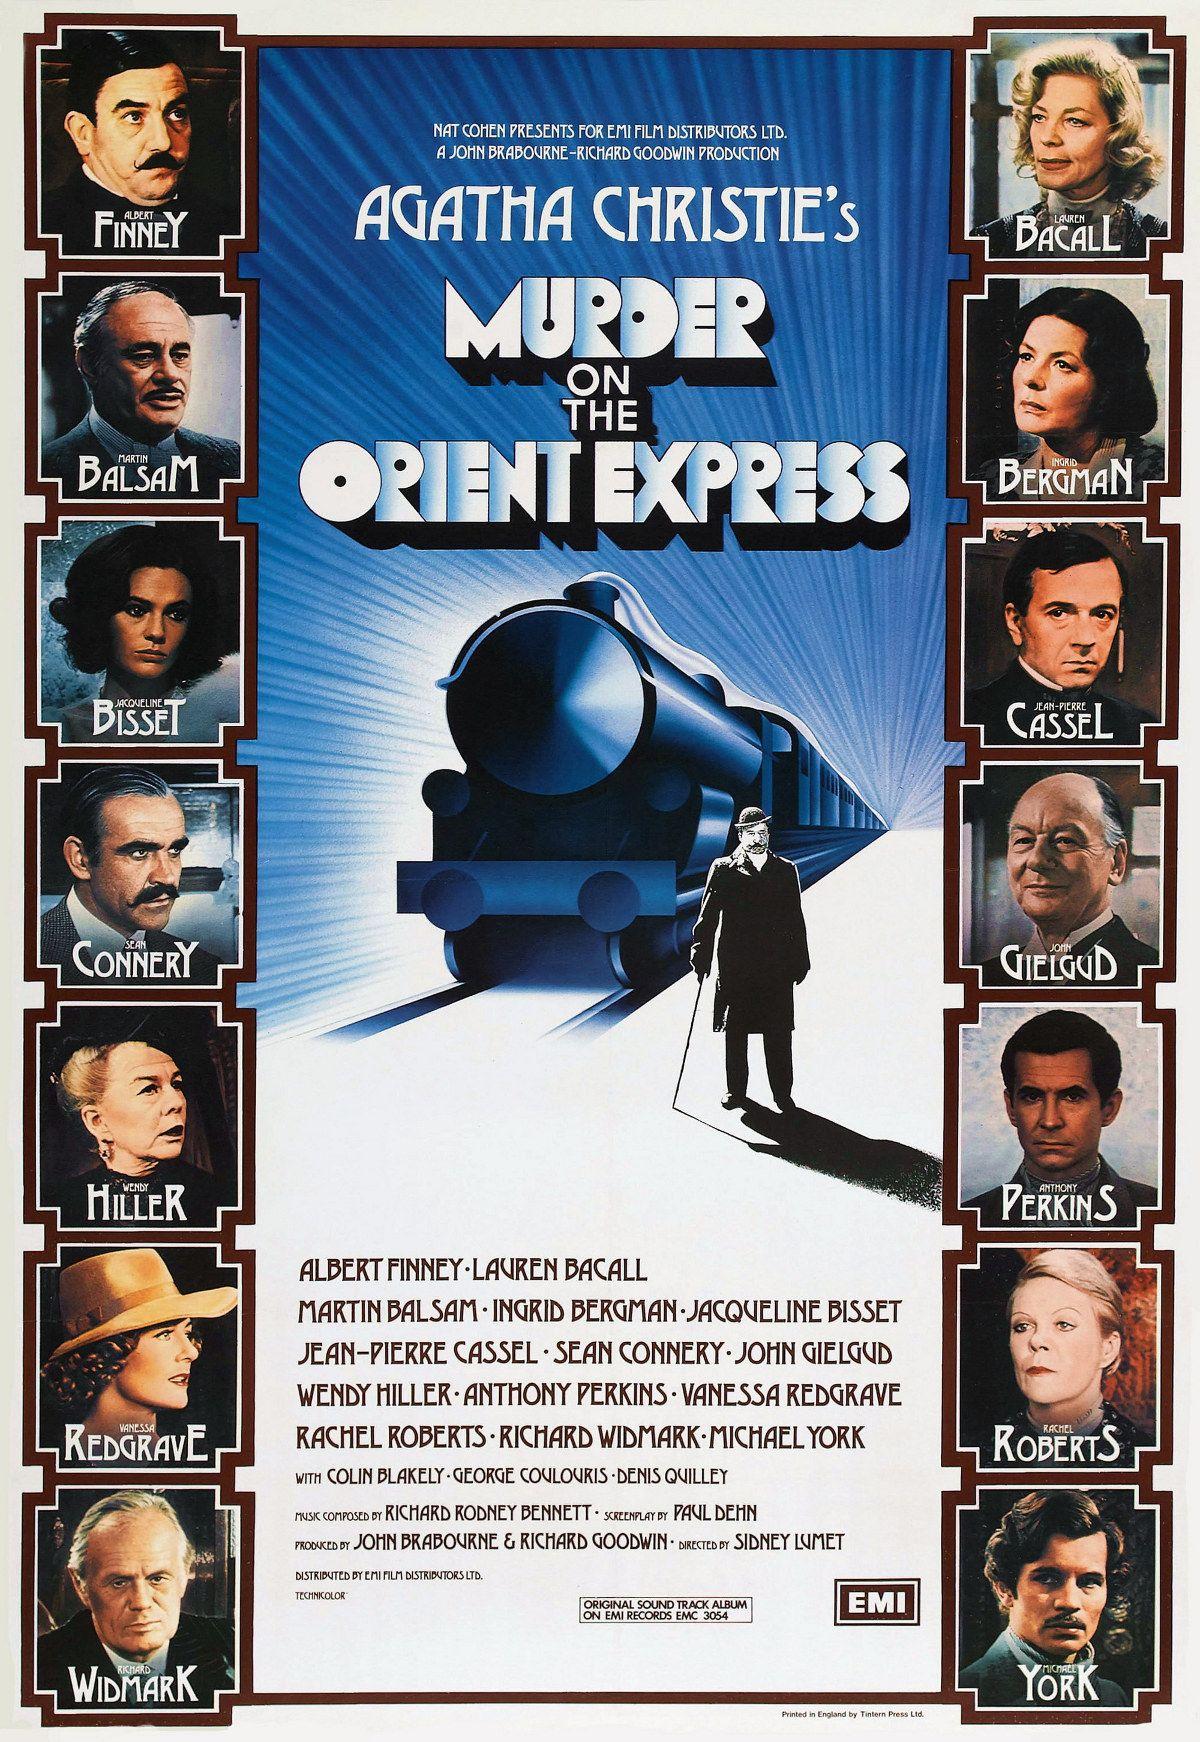 Murder on the Orient-Express 1974 dieulois